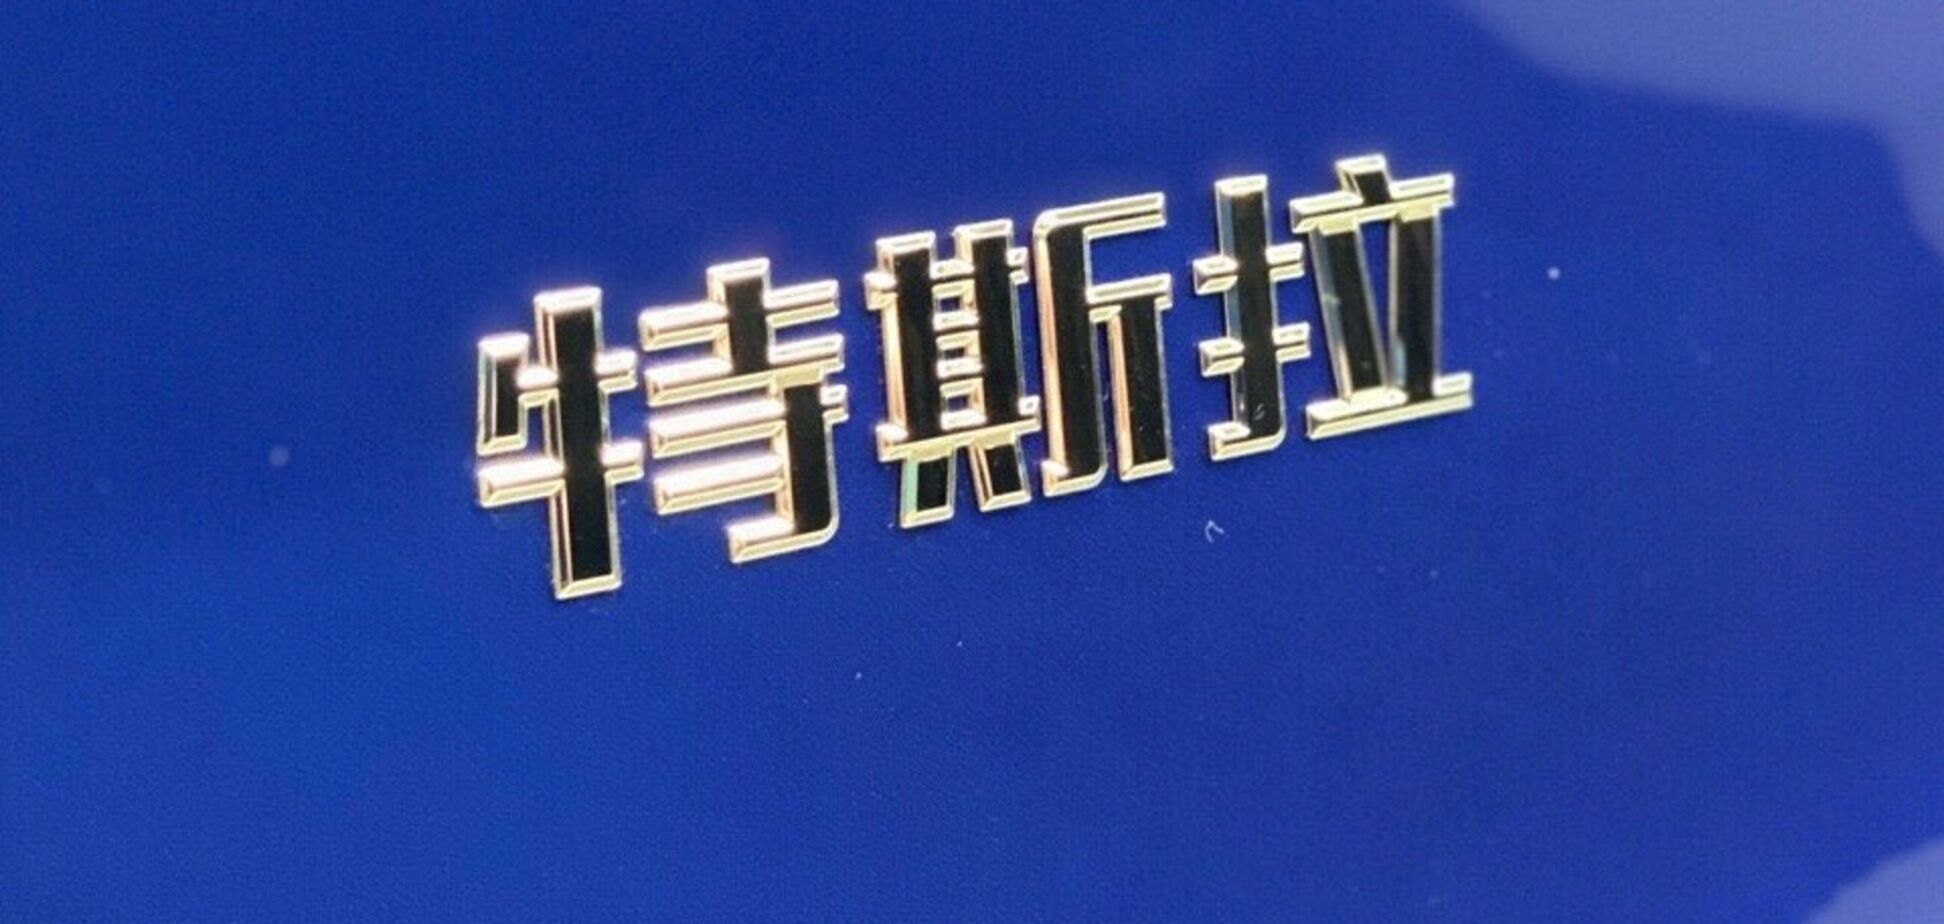 Вперше в історії: Tesla показала створені в Китаї електромобілі